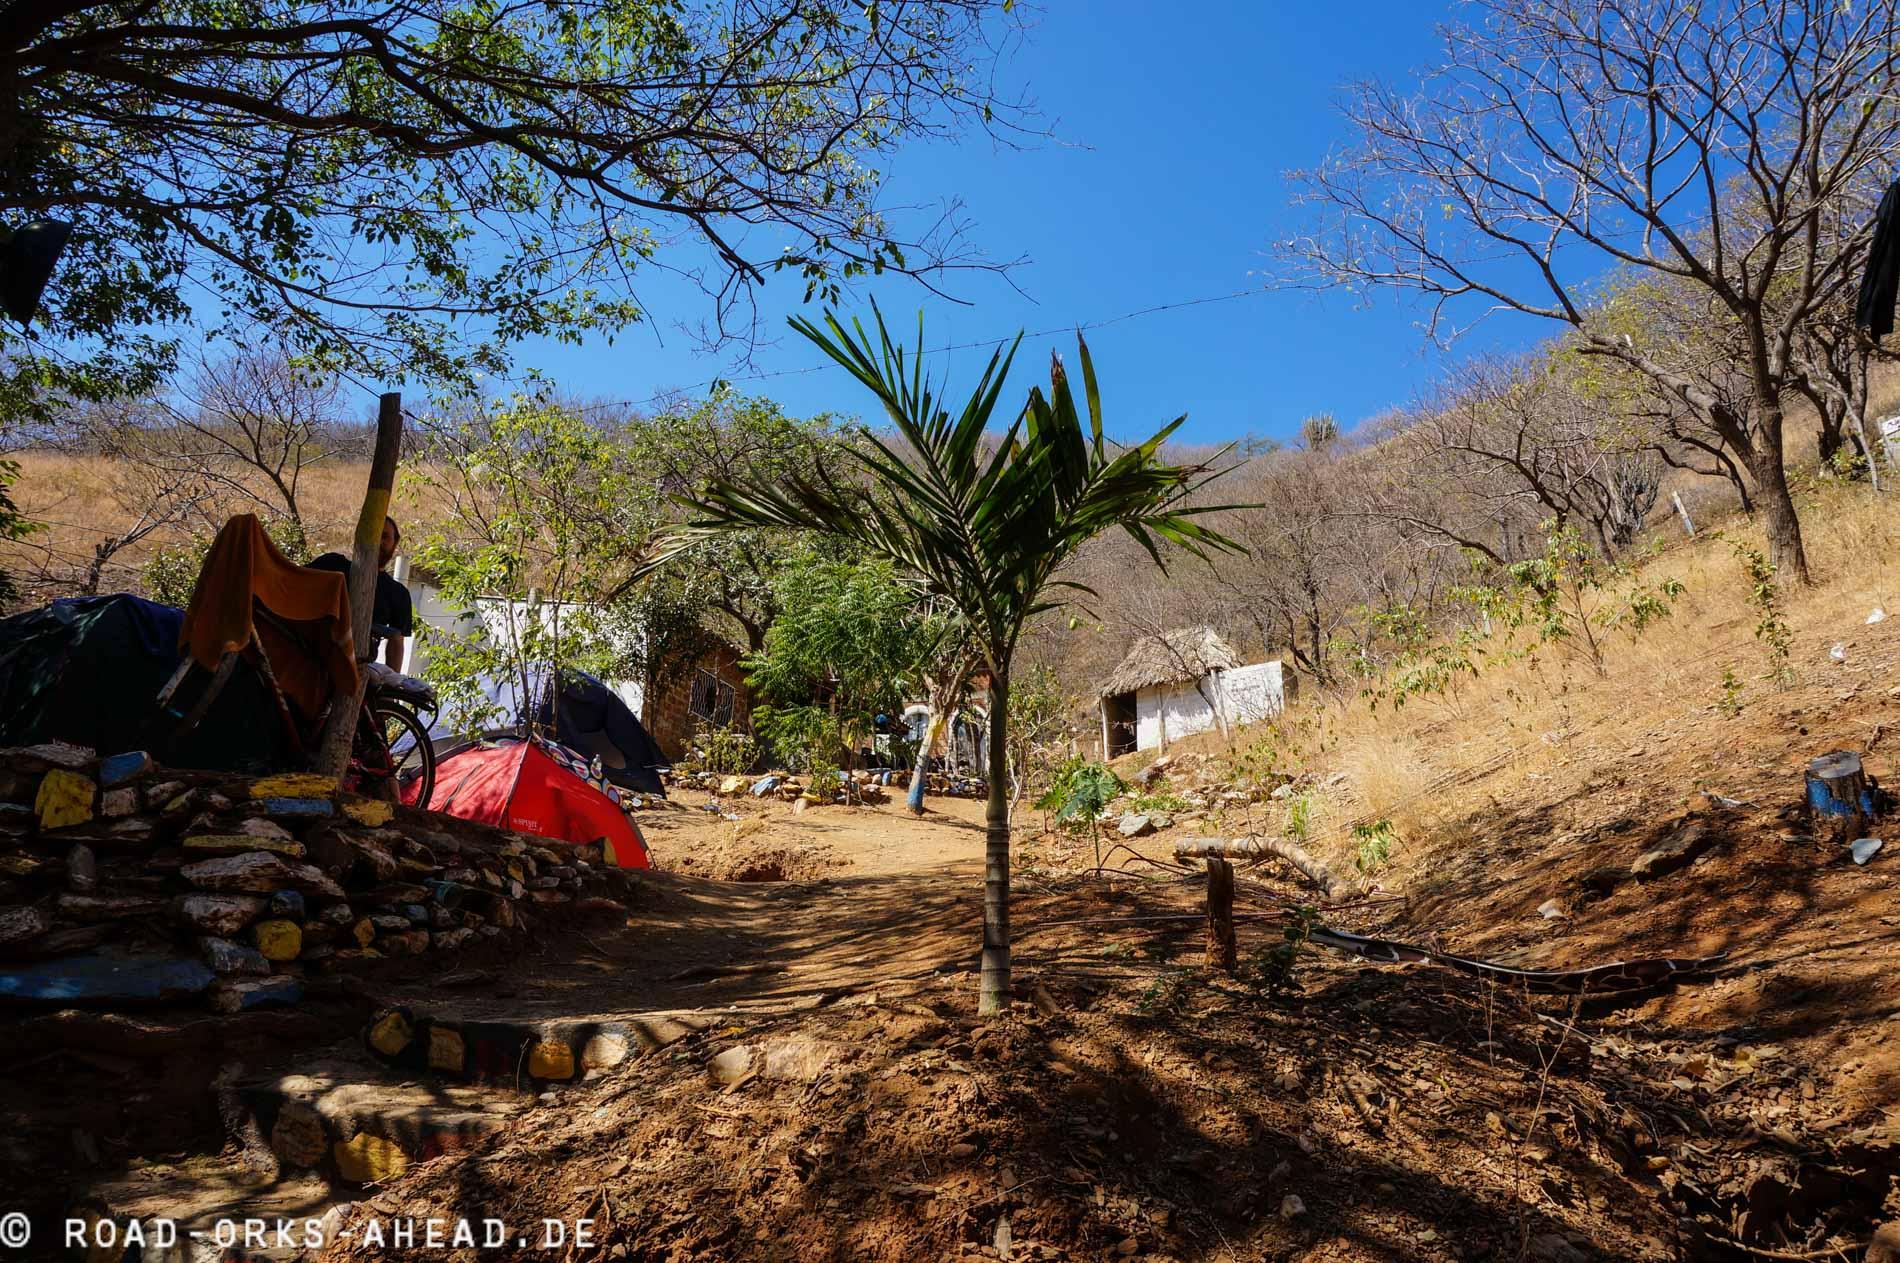 Unsere Unterkunft...ein Zelt